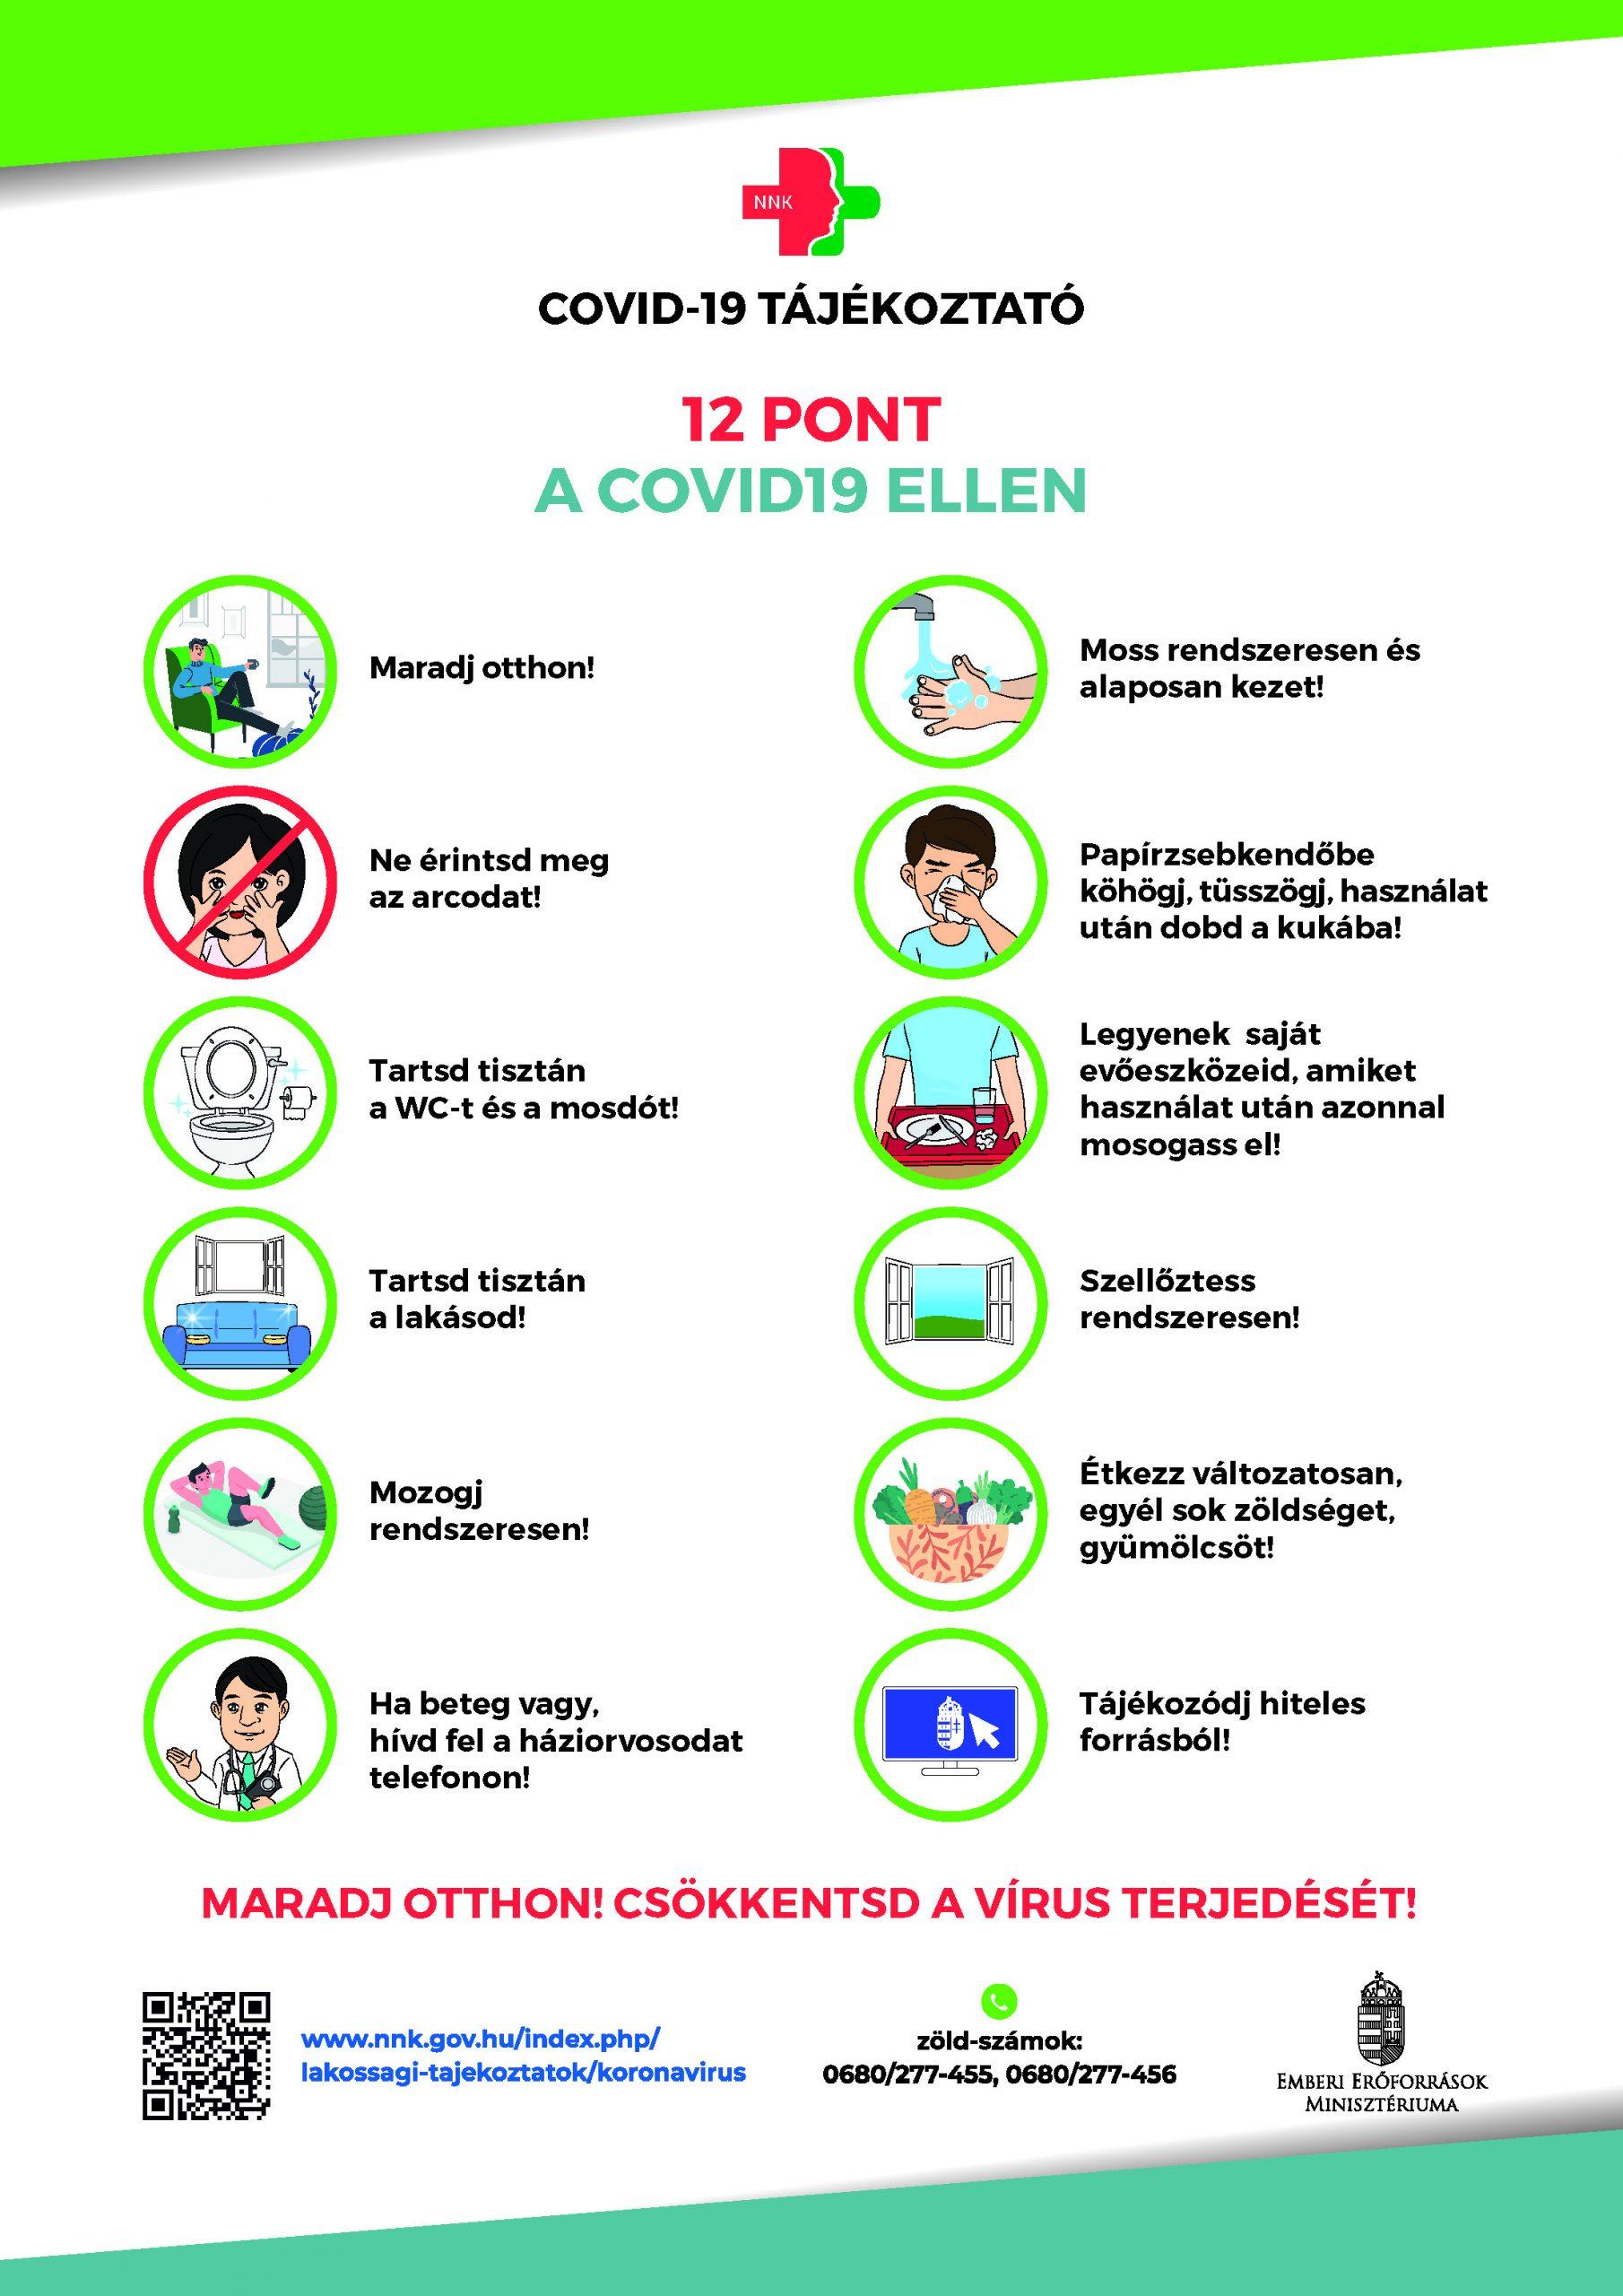 Koronavírus: életmódváltásra ítélve